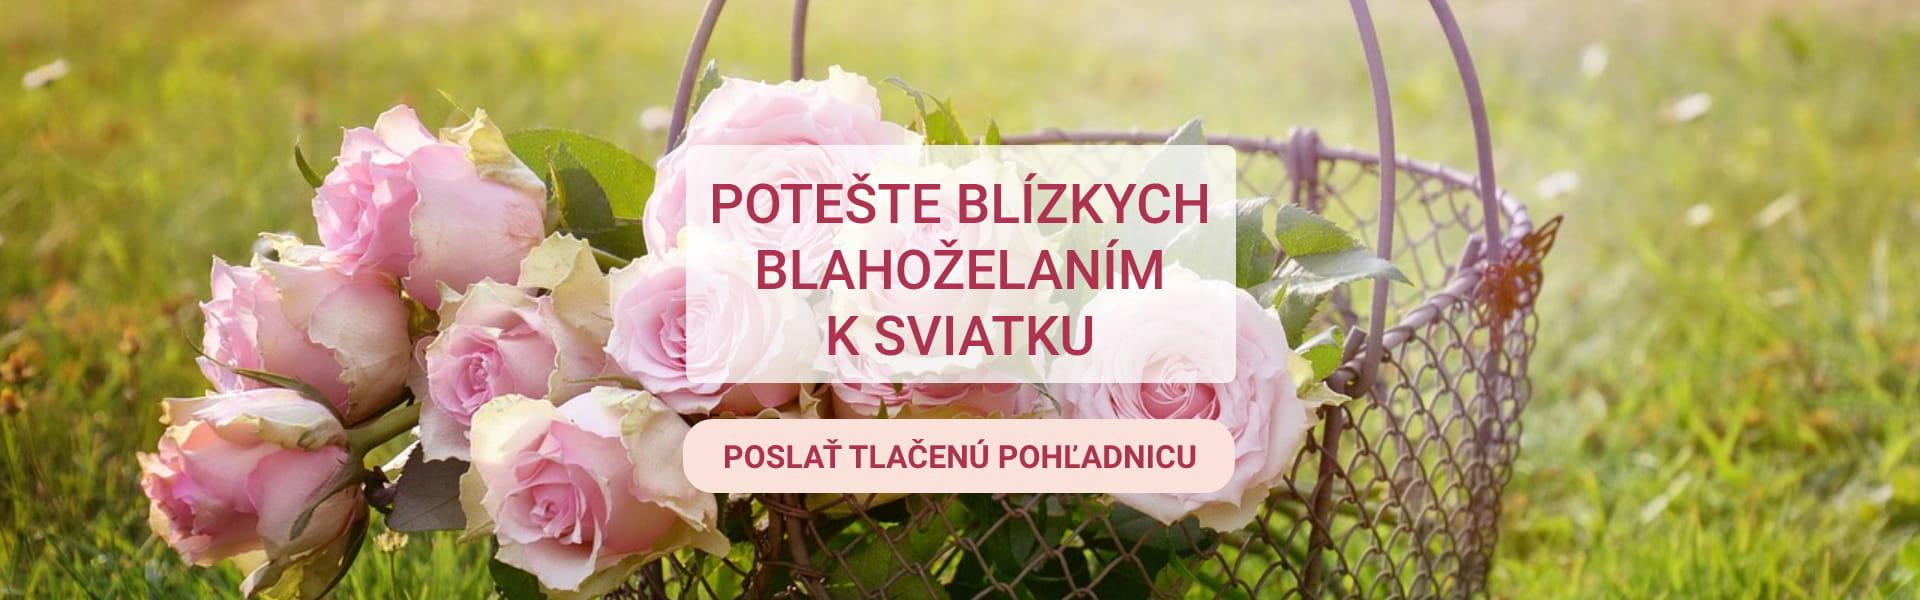 17274cc69041 POHLADNICE.sk - elektronické virtuálne pohľadnice online